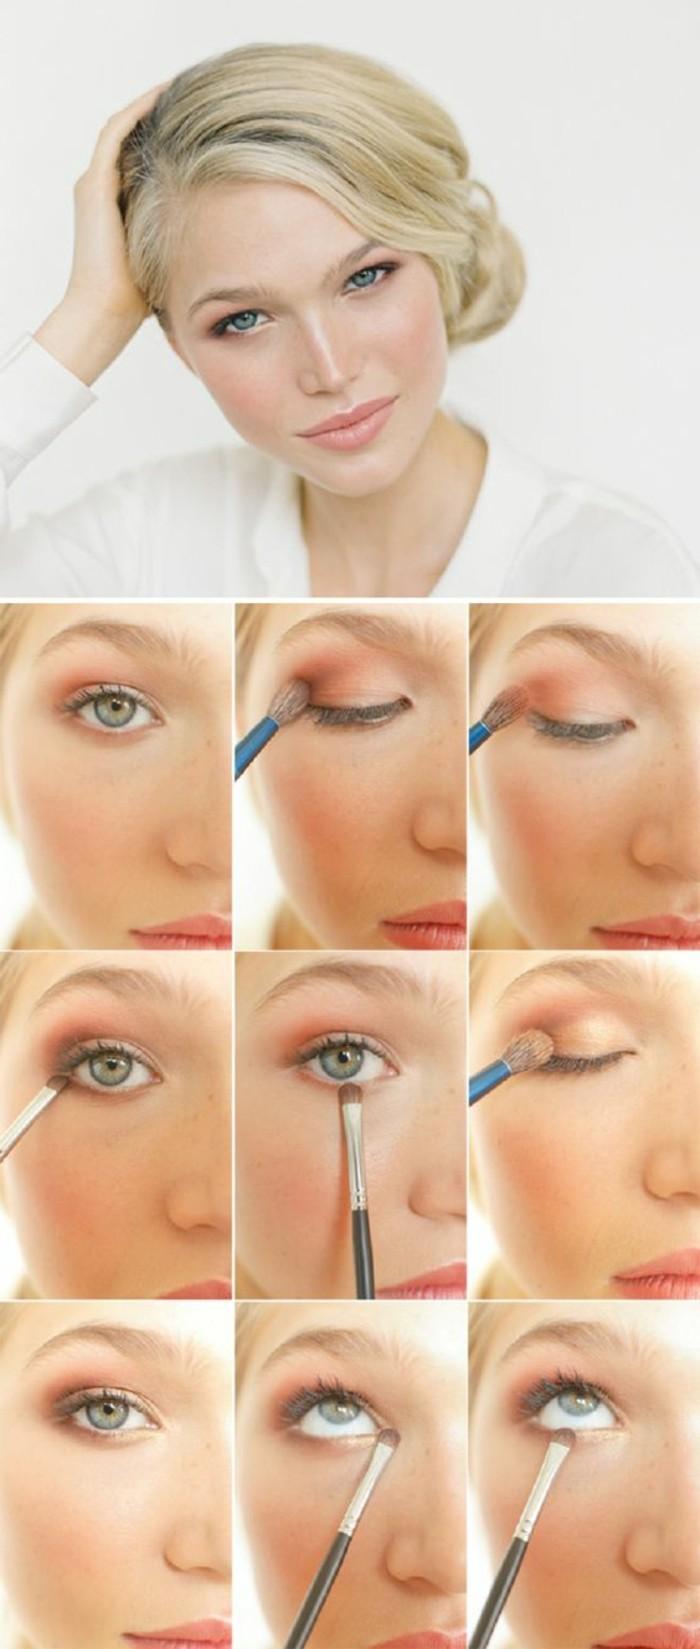 00-apprendre-a-se-maquiller-les-yeux-bleus-fard-a-paupieres-maquillage-levres-roses